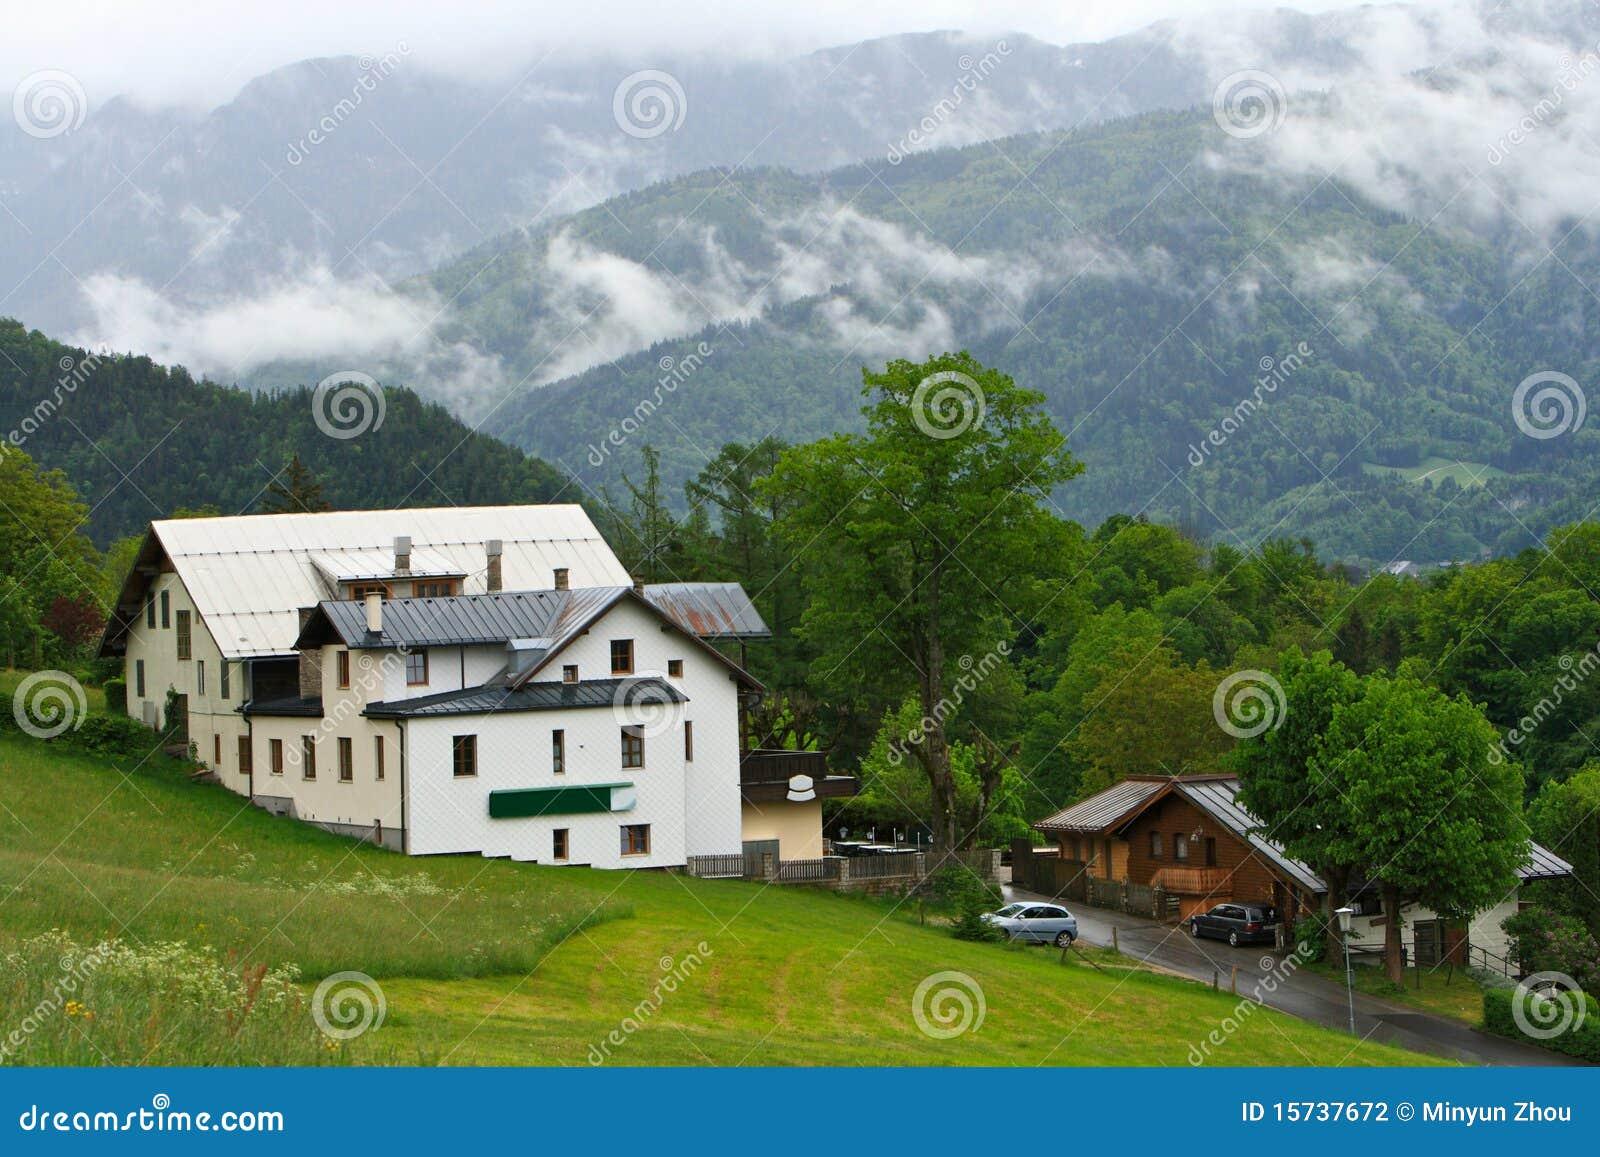 Casa de campo de la monta a fotograf a de archivo imagen - Casas en la montana ...